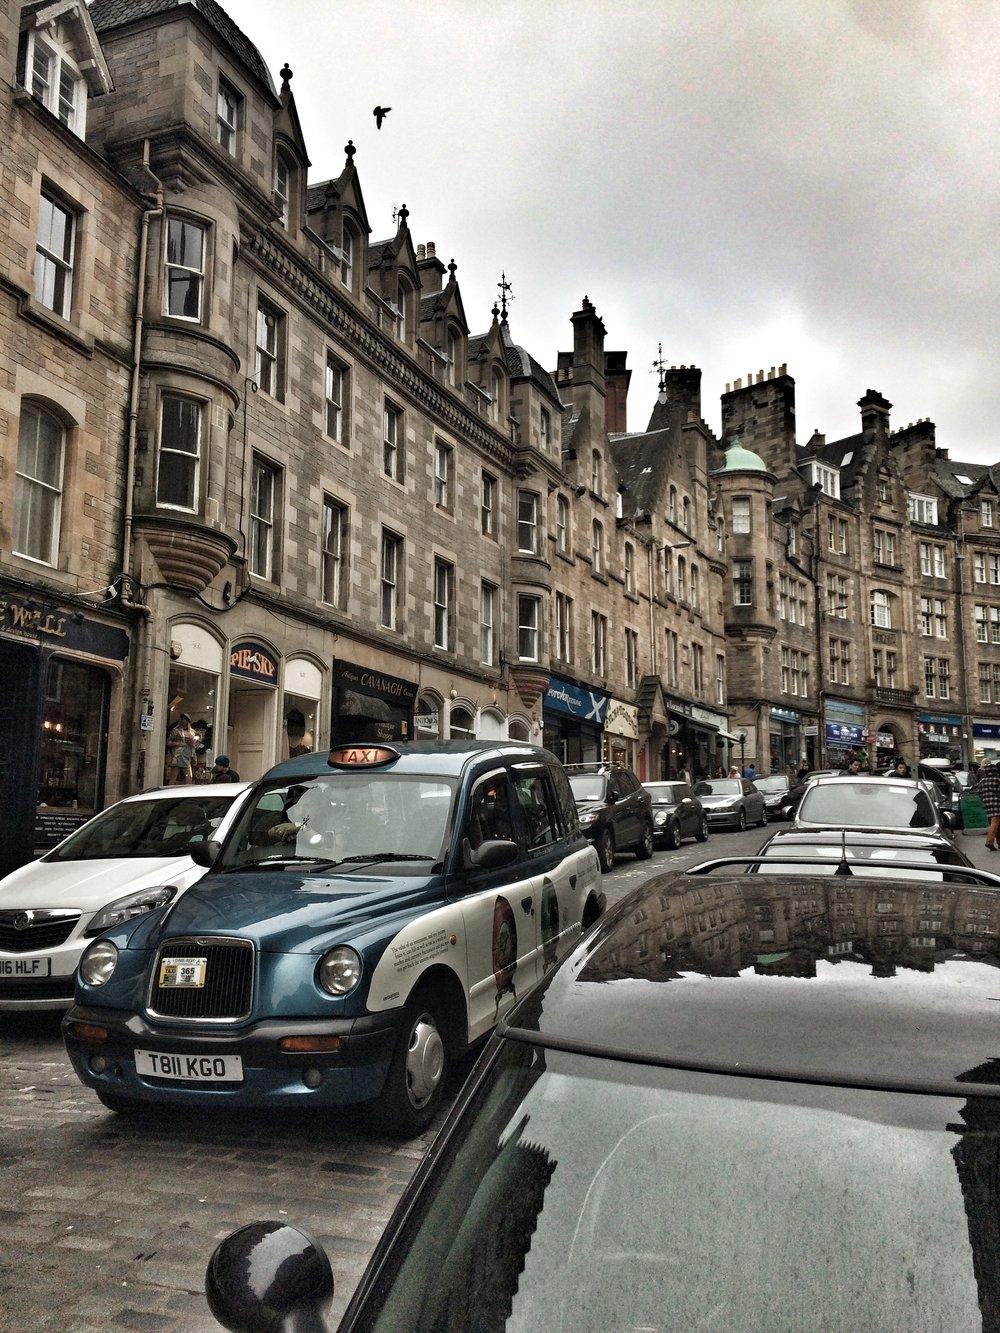 The delightful shops and cobblestones of Cockburn St